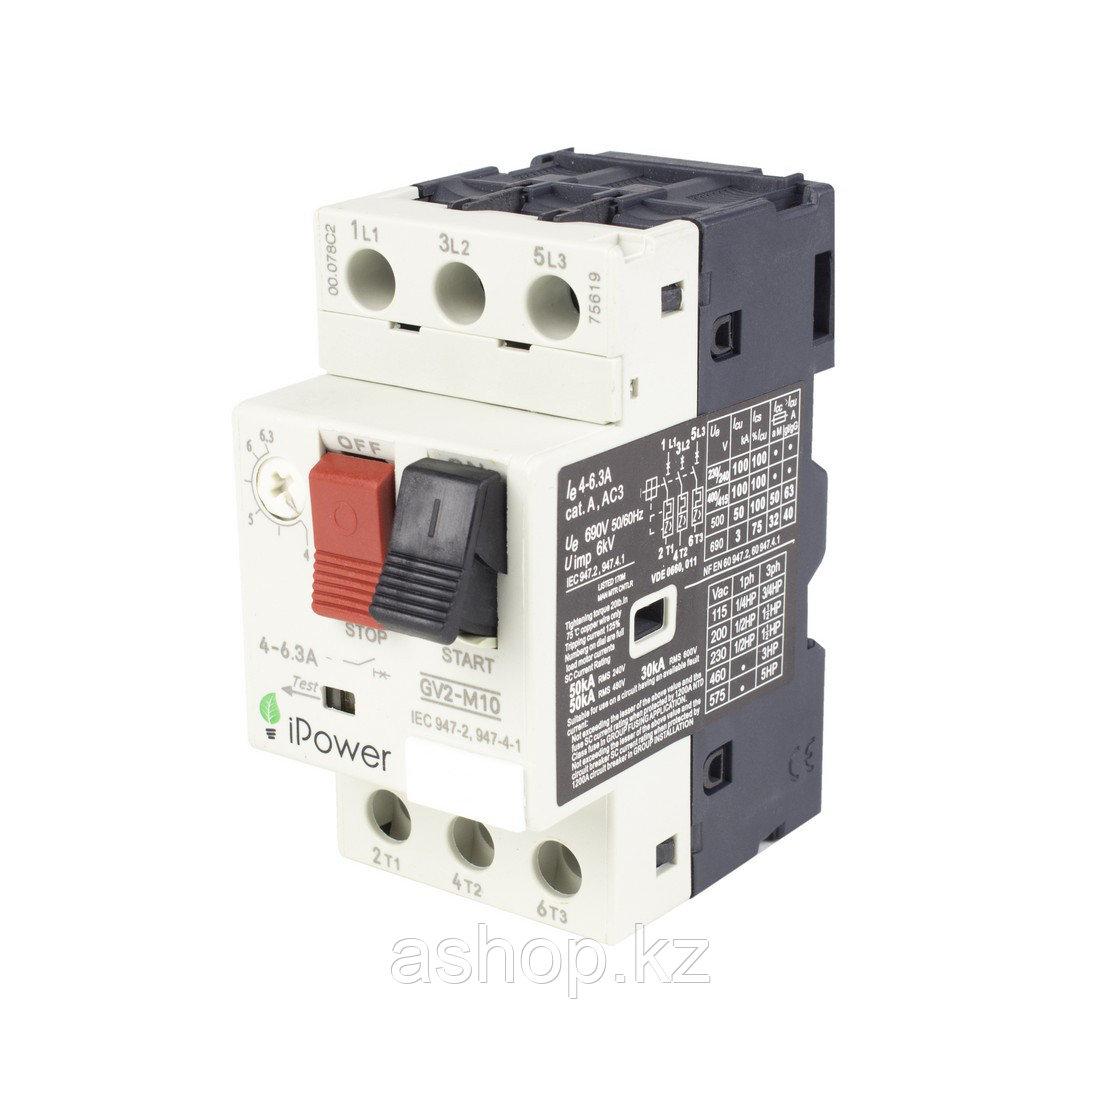 Автомат защиты двигателя реечный iPower GV2-M16 3P 14А, 380 В, Кол-во полюсов: 3, Защита: От перегрузок, корот